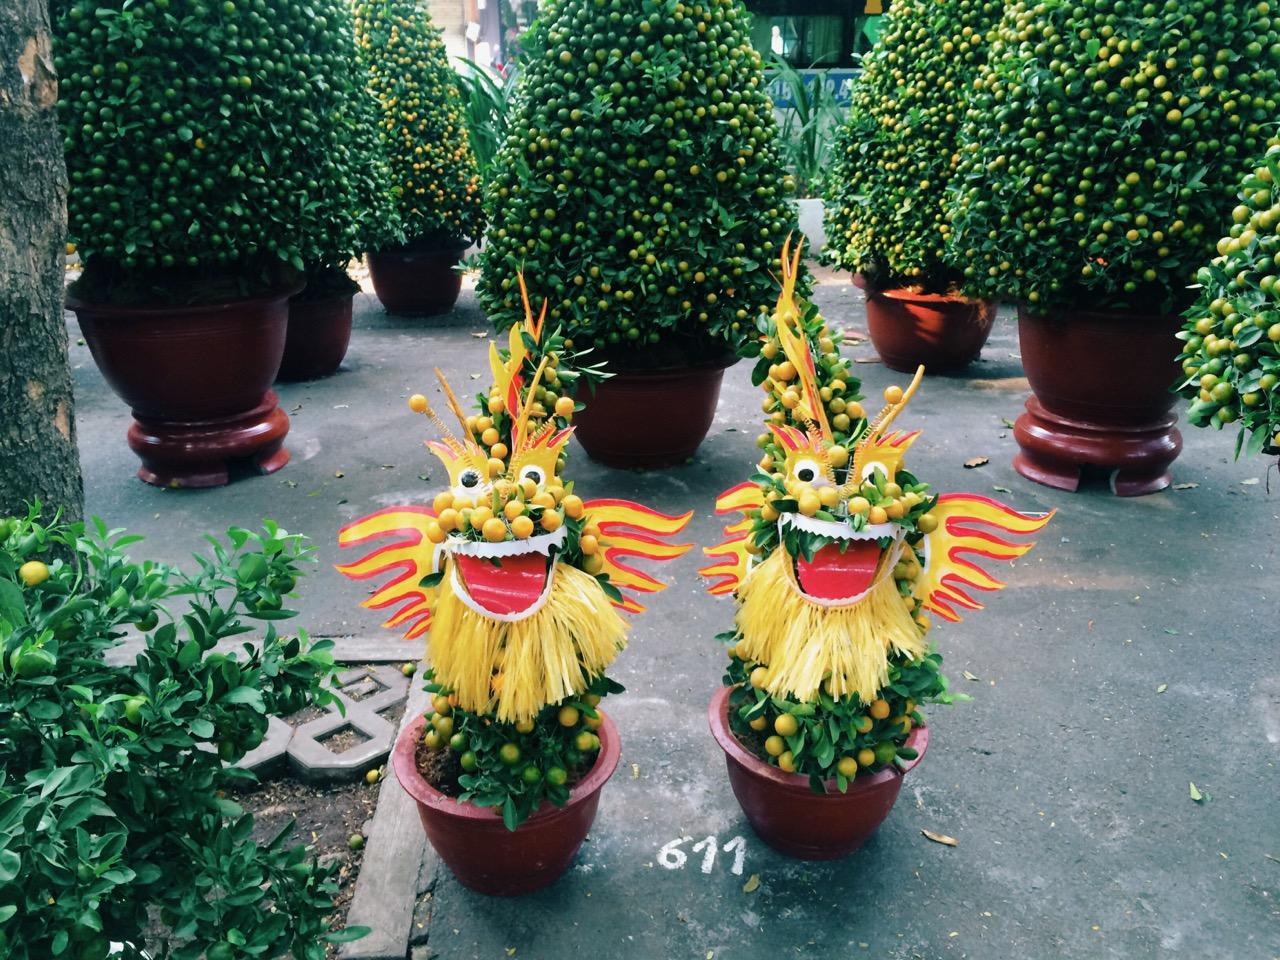 Вьетнамский Новый год: Украшенные деревья кумквата